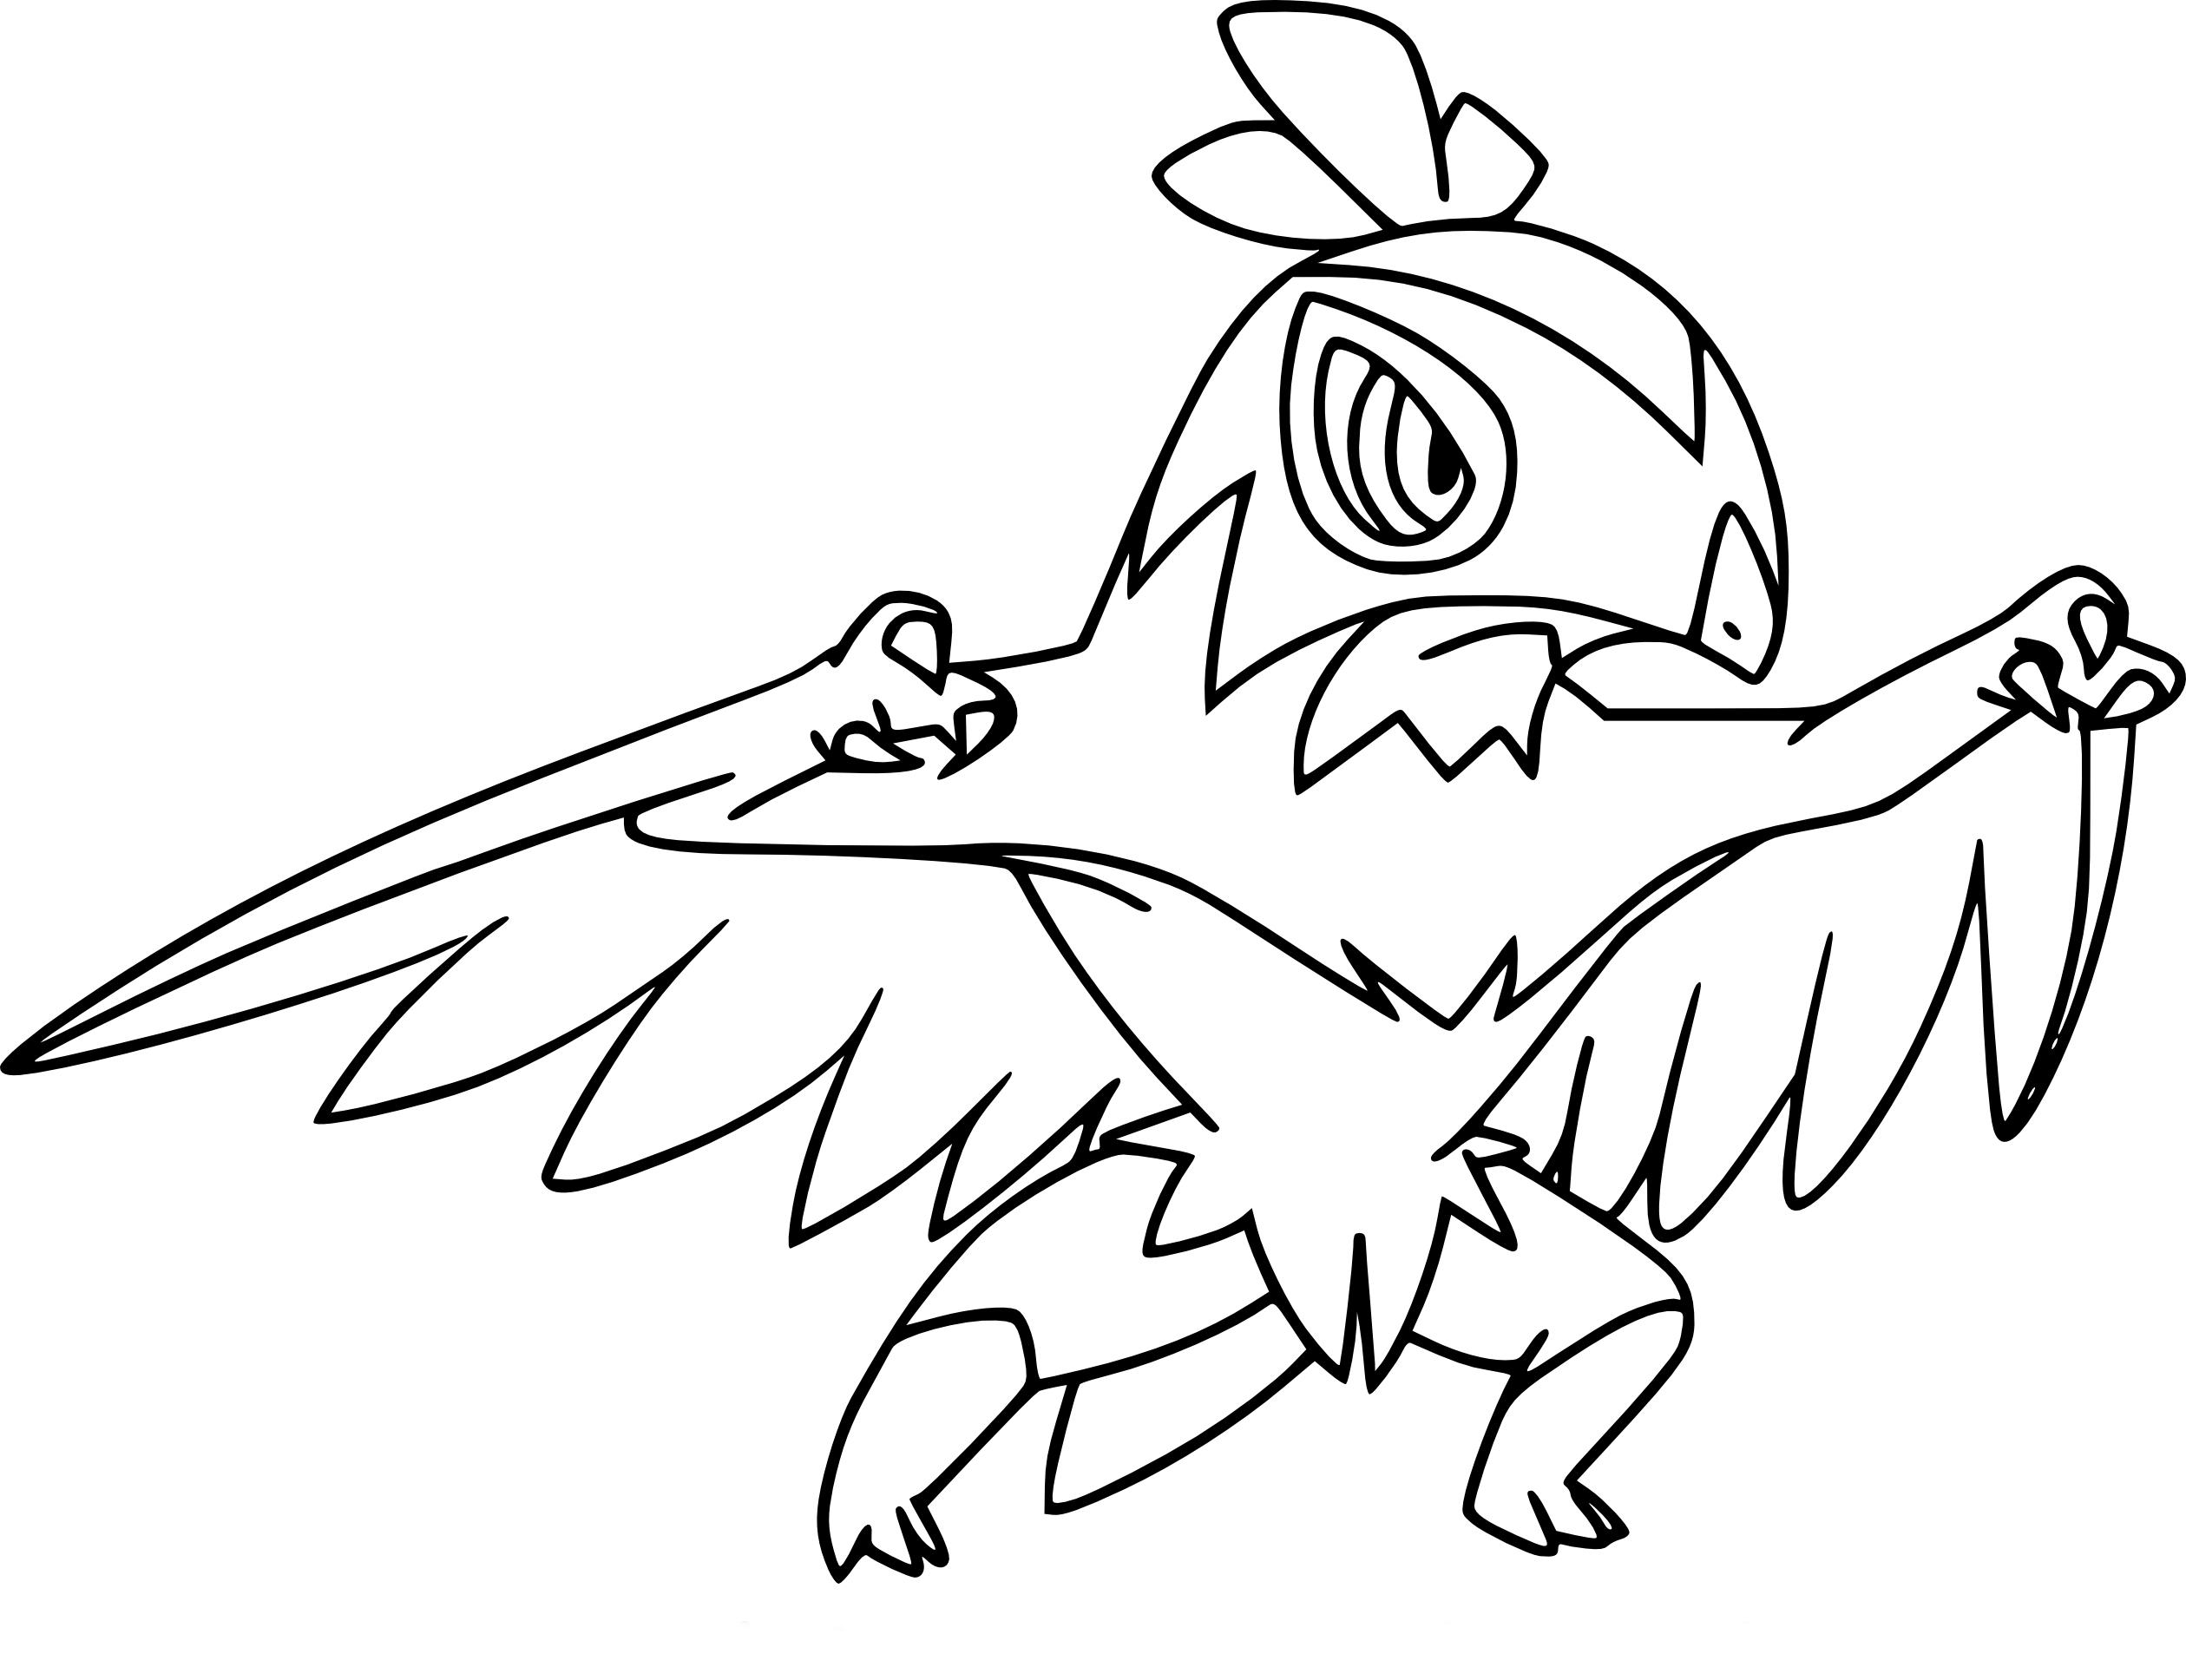 Coloriage Brutalibré Pokemon À Imprimer pour Coloriag Pokemon